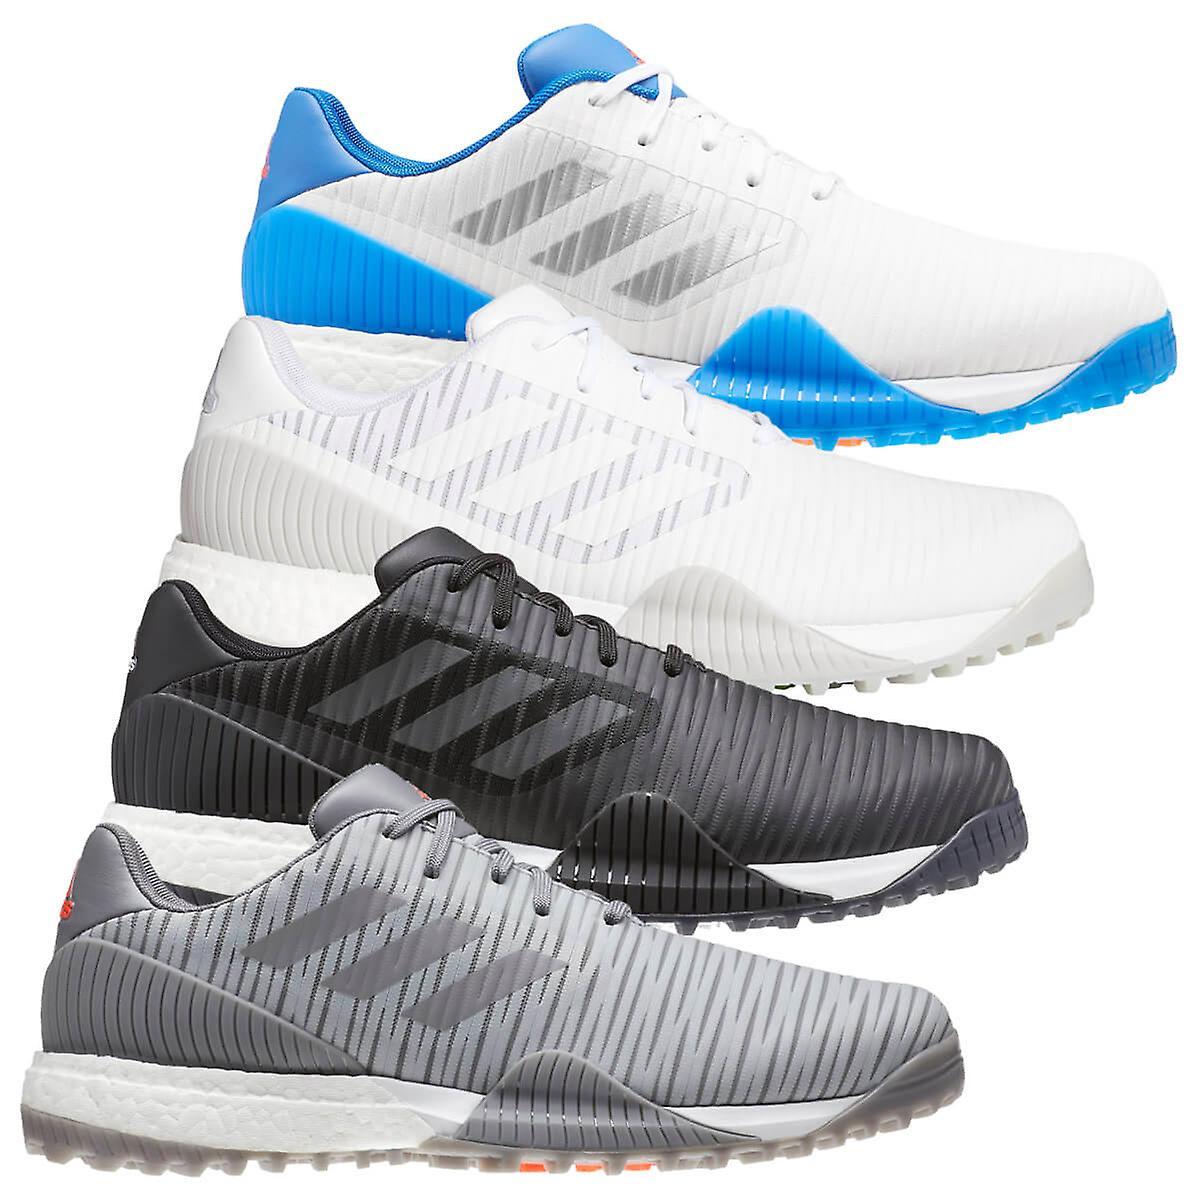 adidas Golf Hommes 2020 Code Chaos Sport imperméable à l'eau Chaussures de golf légères Gris/Gris/Rouge solaire UK 8.5